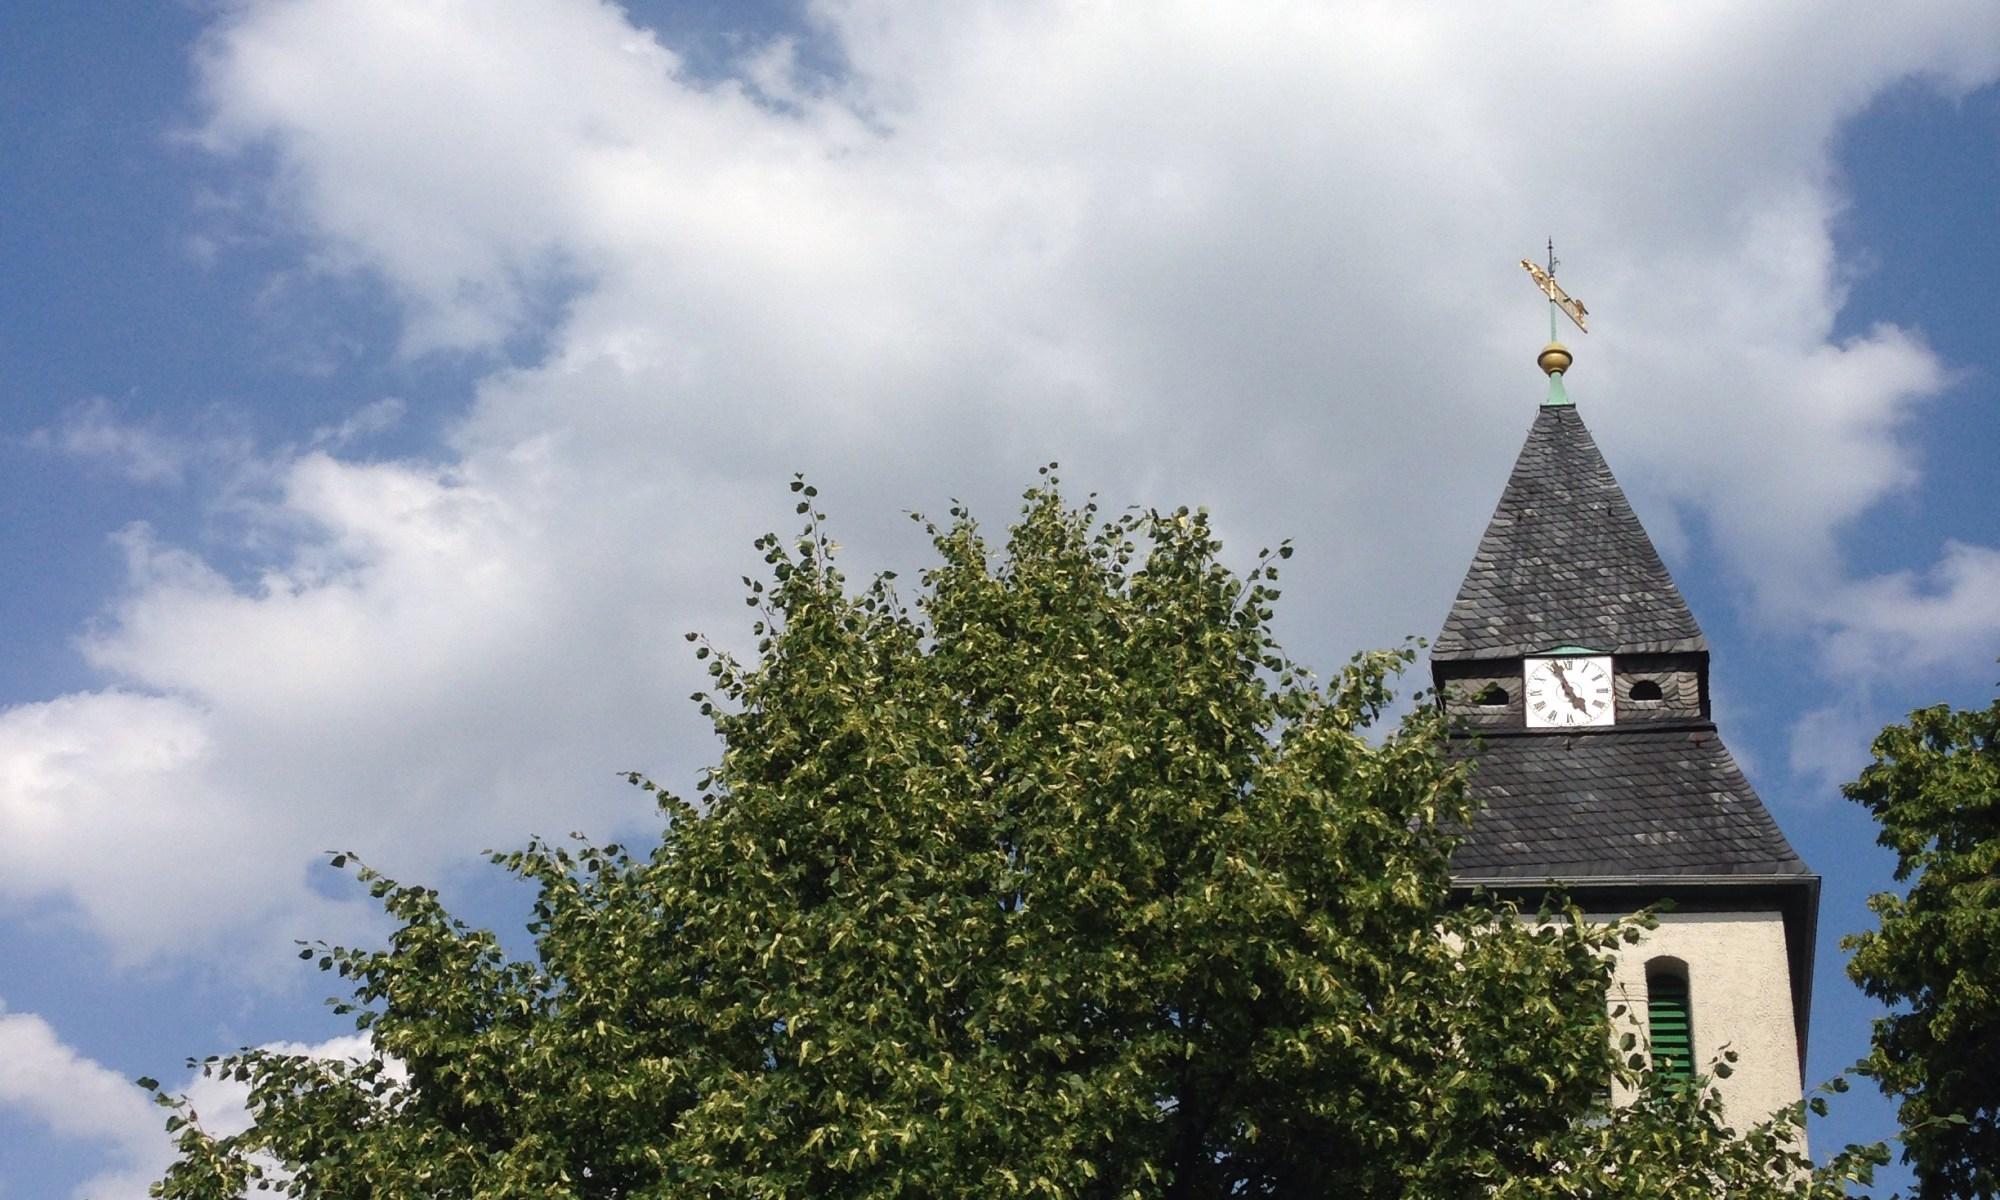 church behind a tree